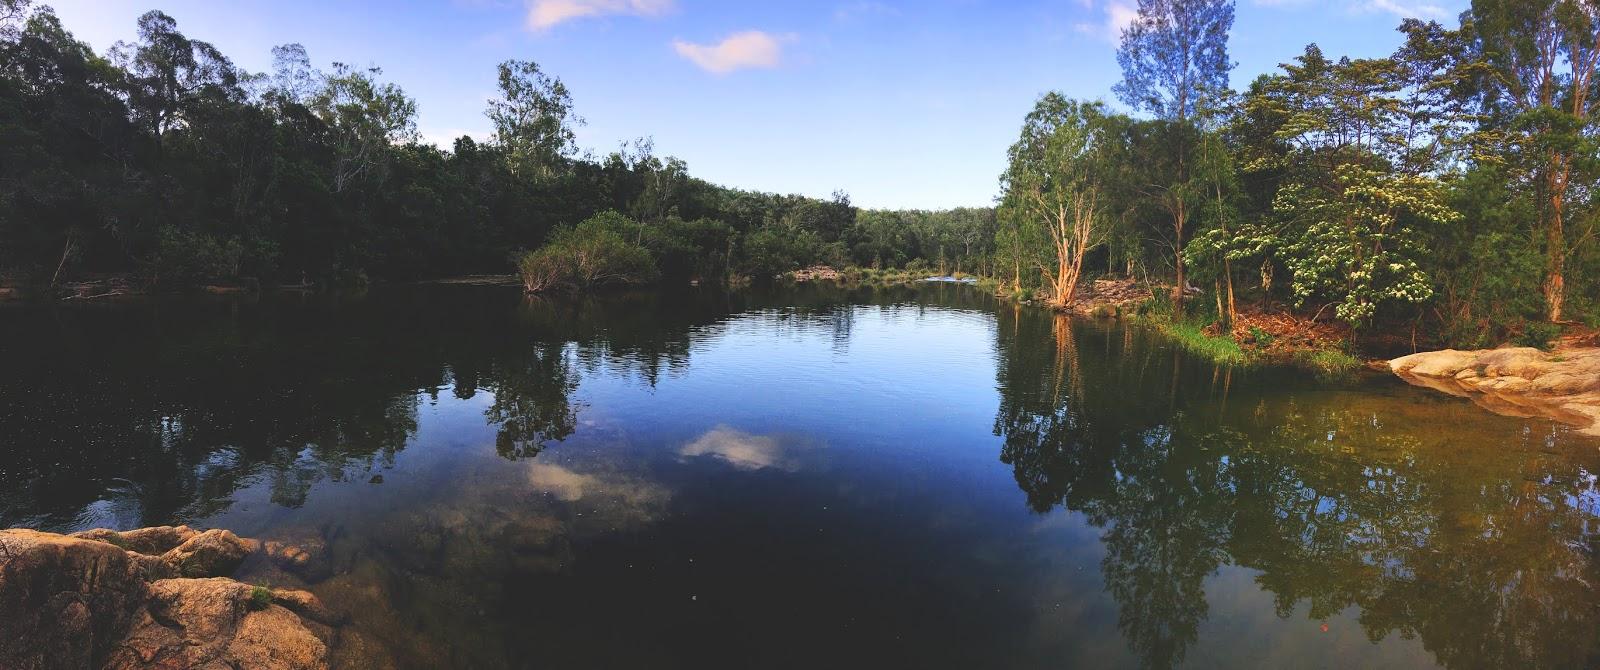 Strumienie i wodospady Little Crystal Creek niedaleko miasteczka Mutarnee w Australii